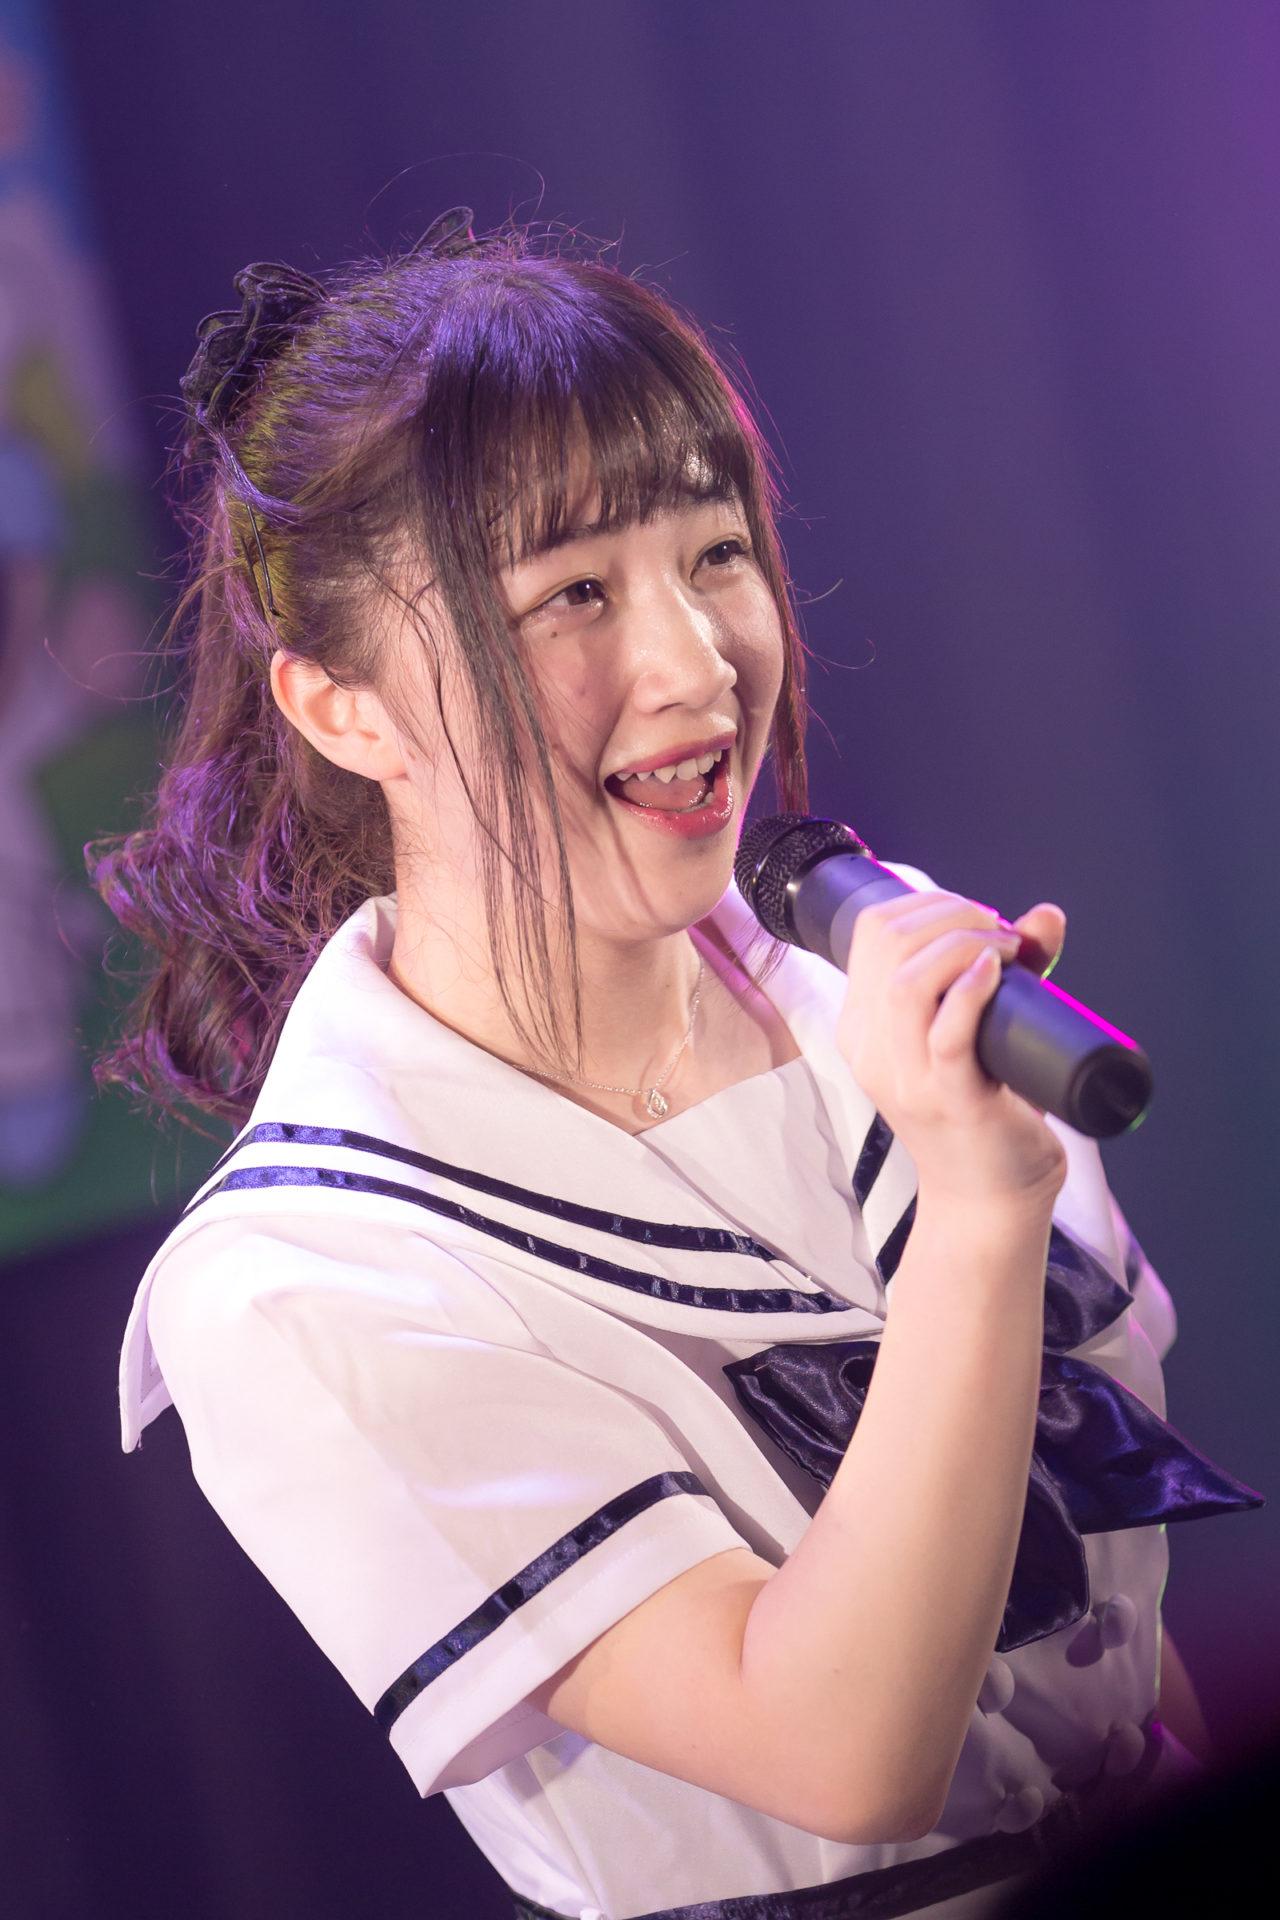 2代目HAPPY少女♪ きょうか ( 山田京佳 ) | ハピパvol.25〜ゆいな生誕〜